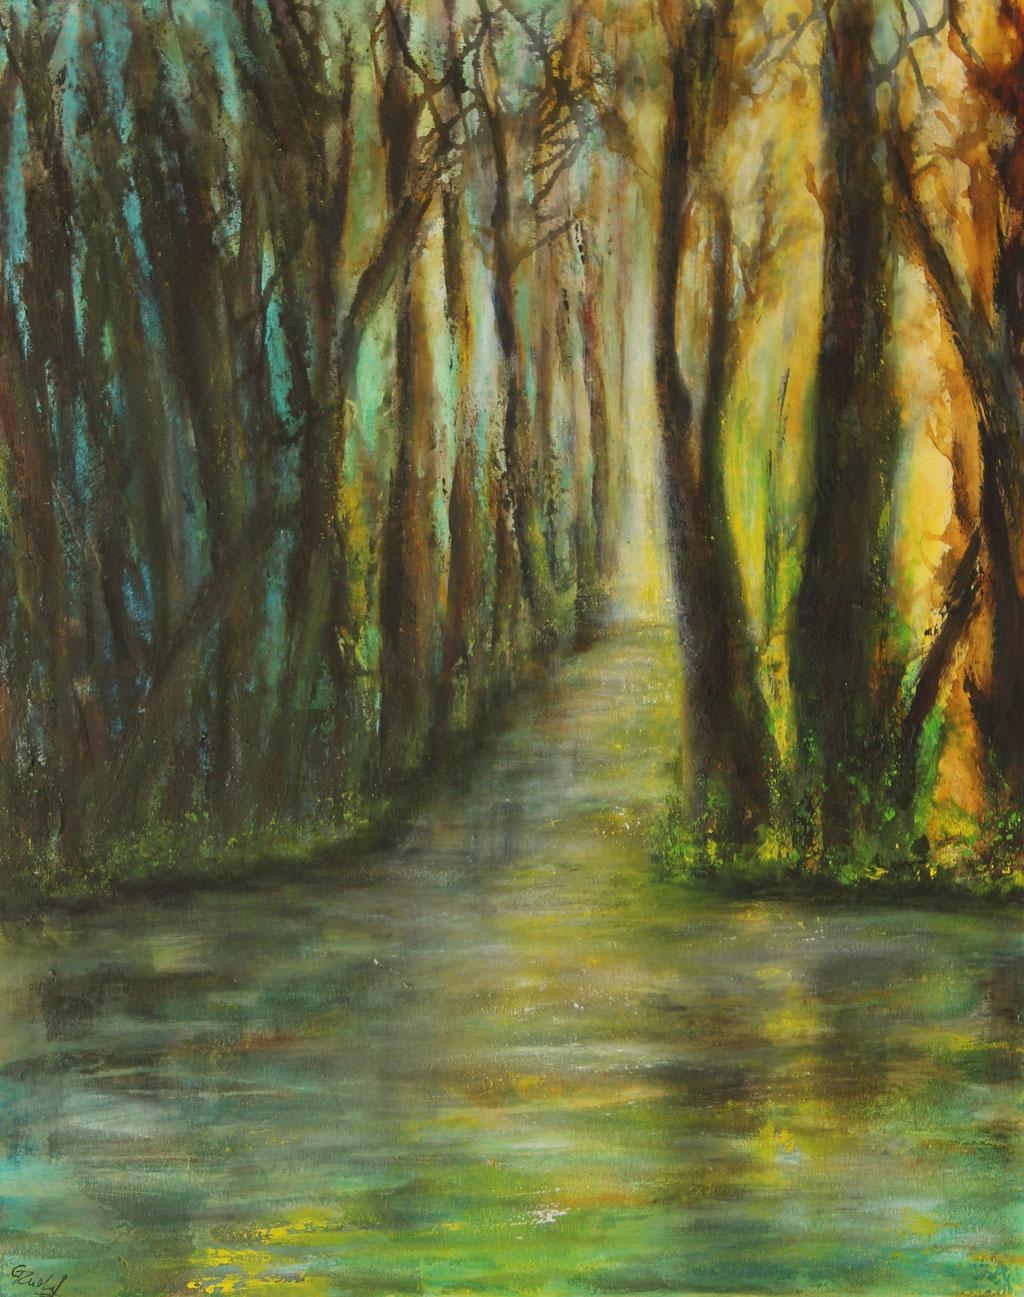 Waldsee 2 | Acrylmischtechnik | 100cm x 80cm | verkauft